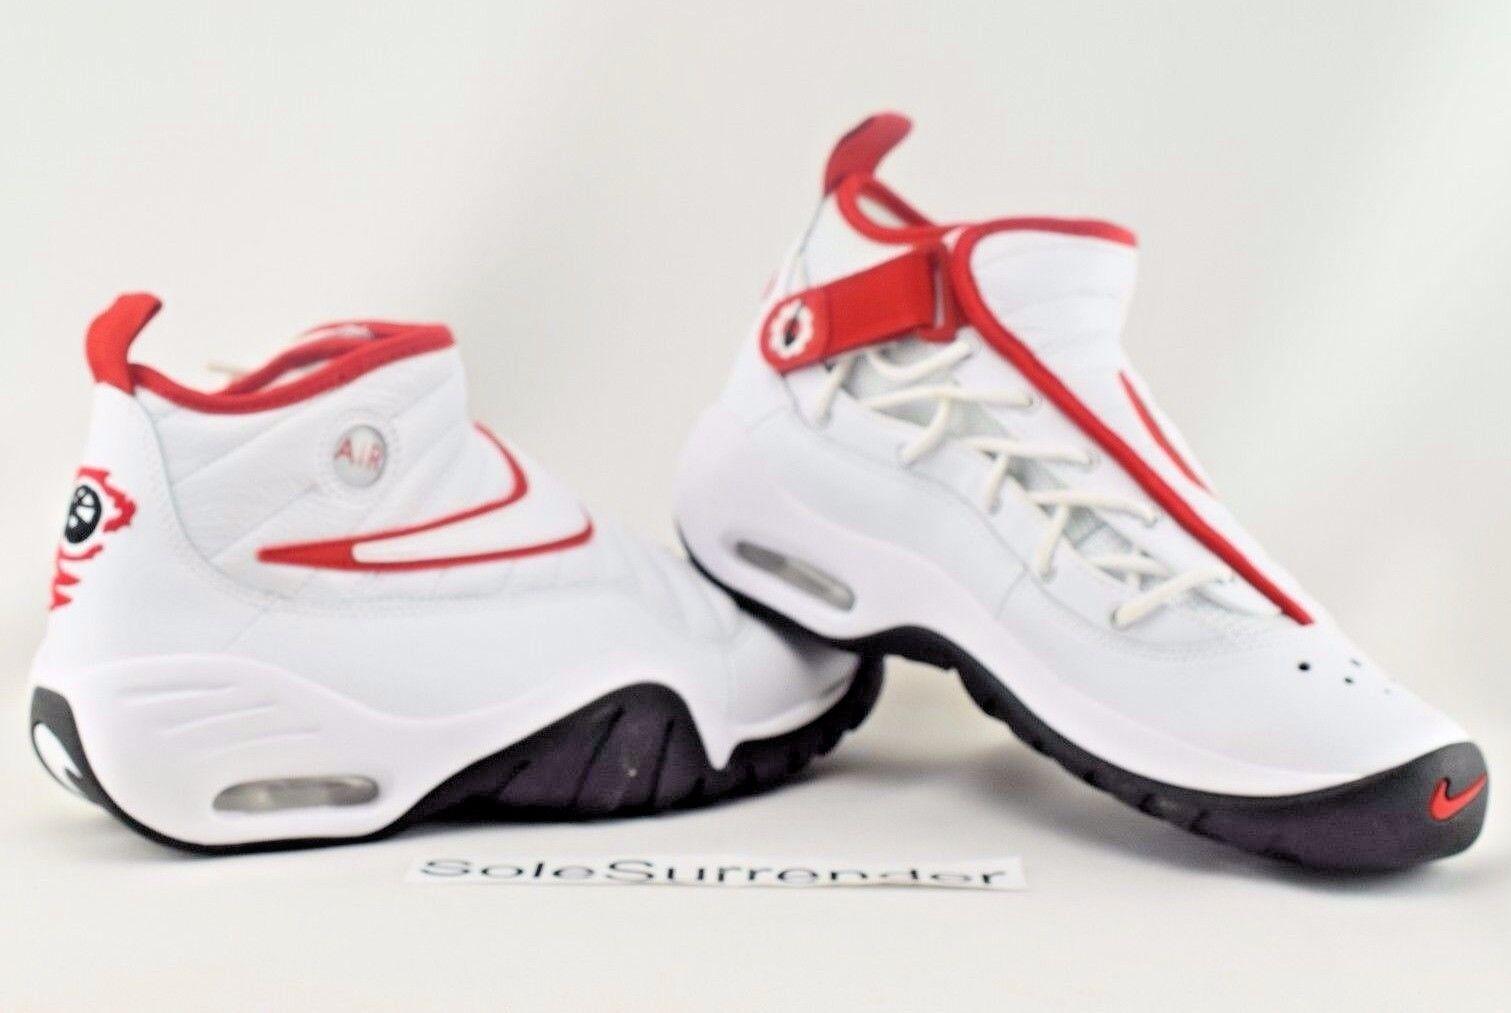 Nike Air Shake Ndestrukt - SIZE 8.5 - 880869-100 Red Dennis Rodman Black Retro